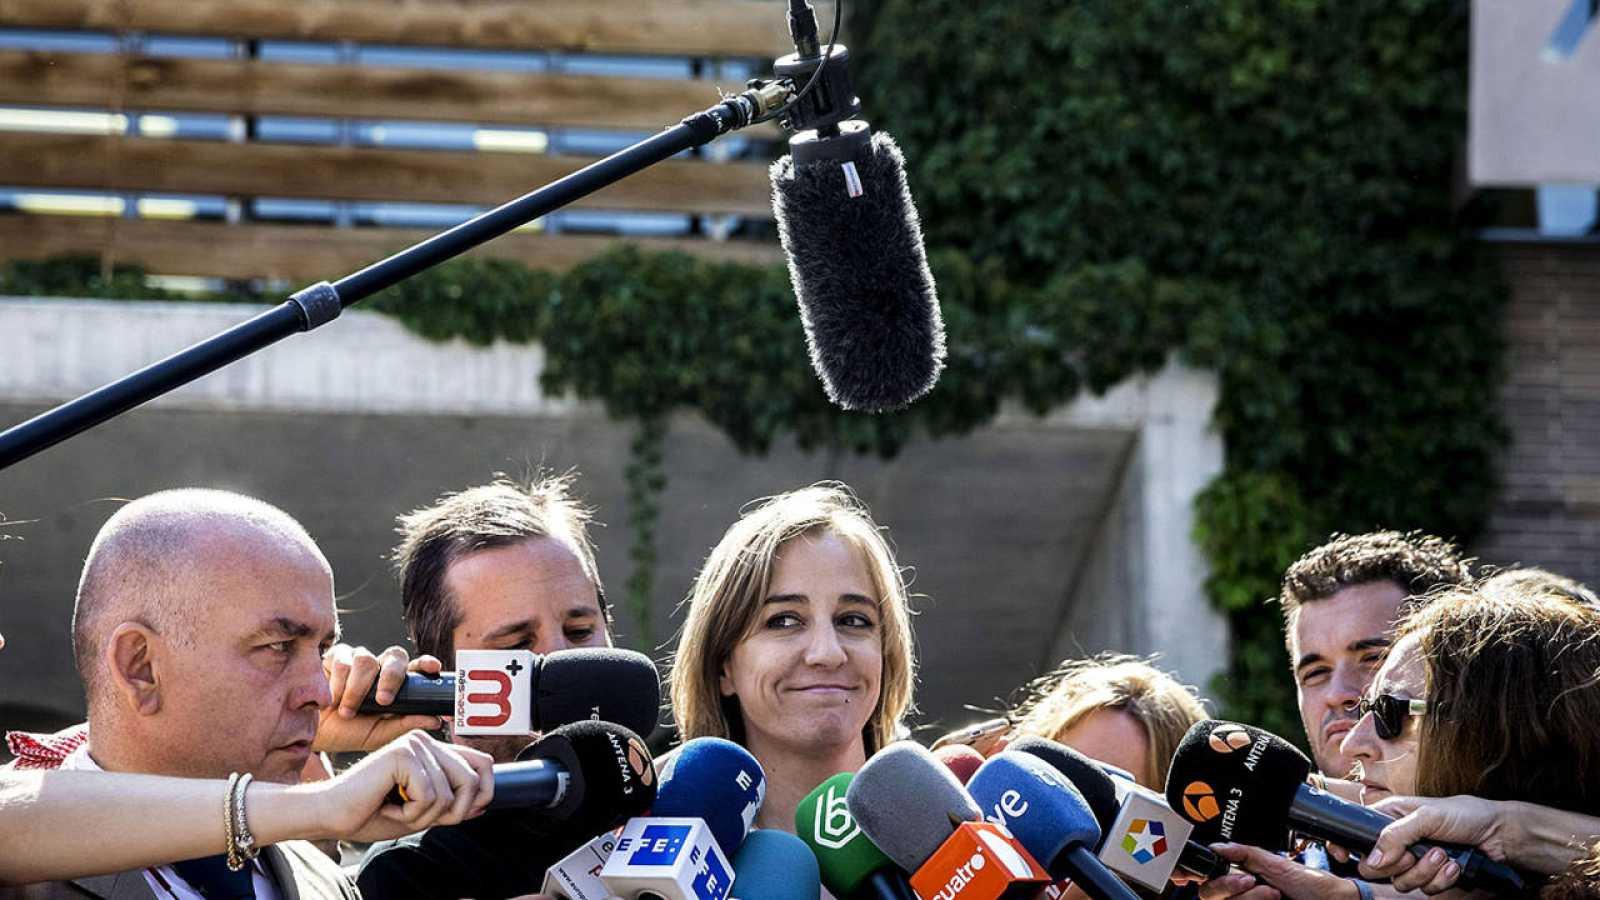 Tania Sánchez, excandidata autonómica de IU y exconcejal en Rivas